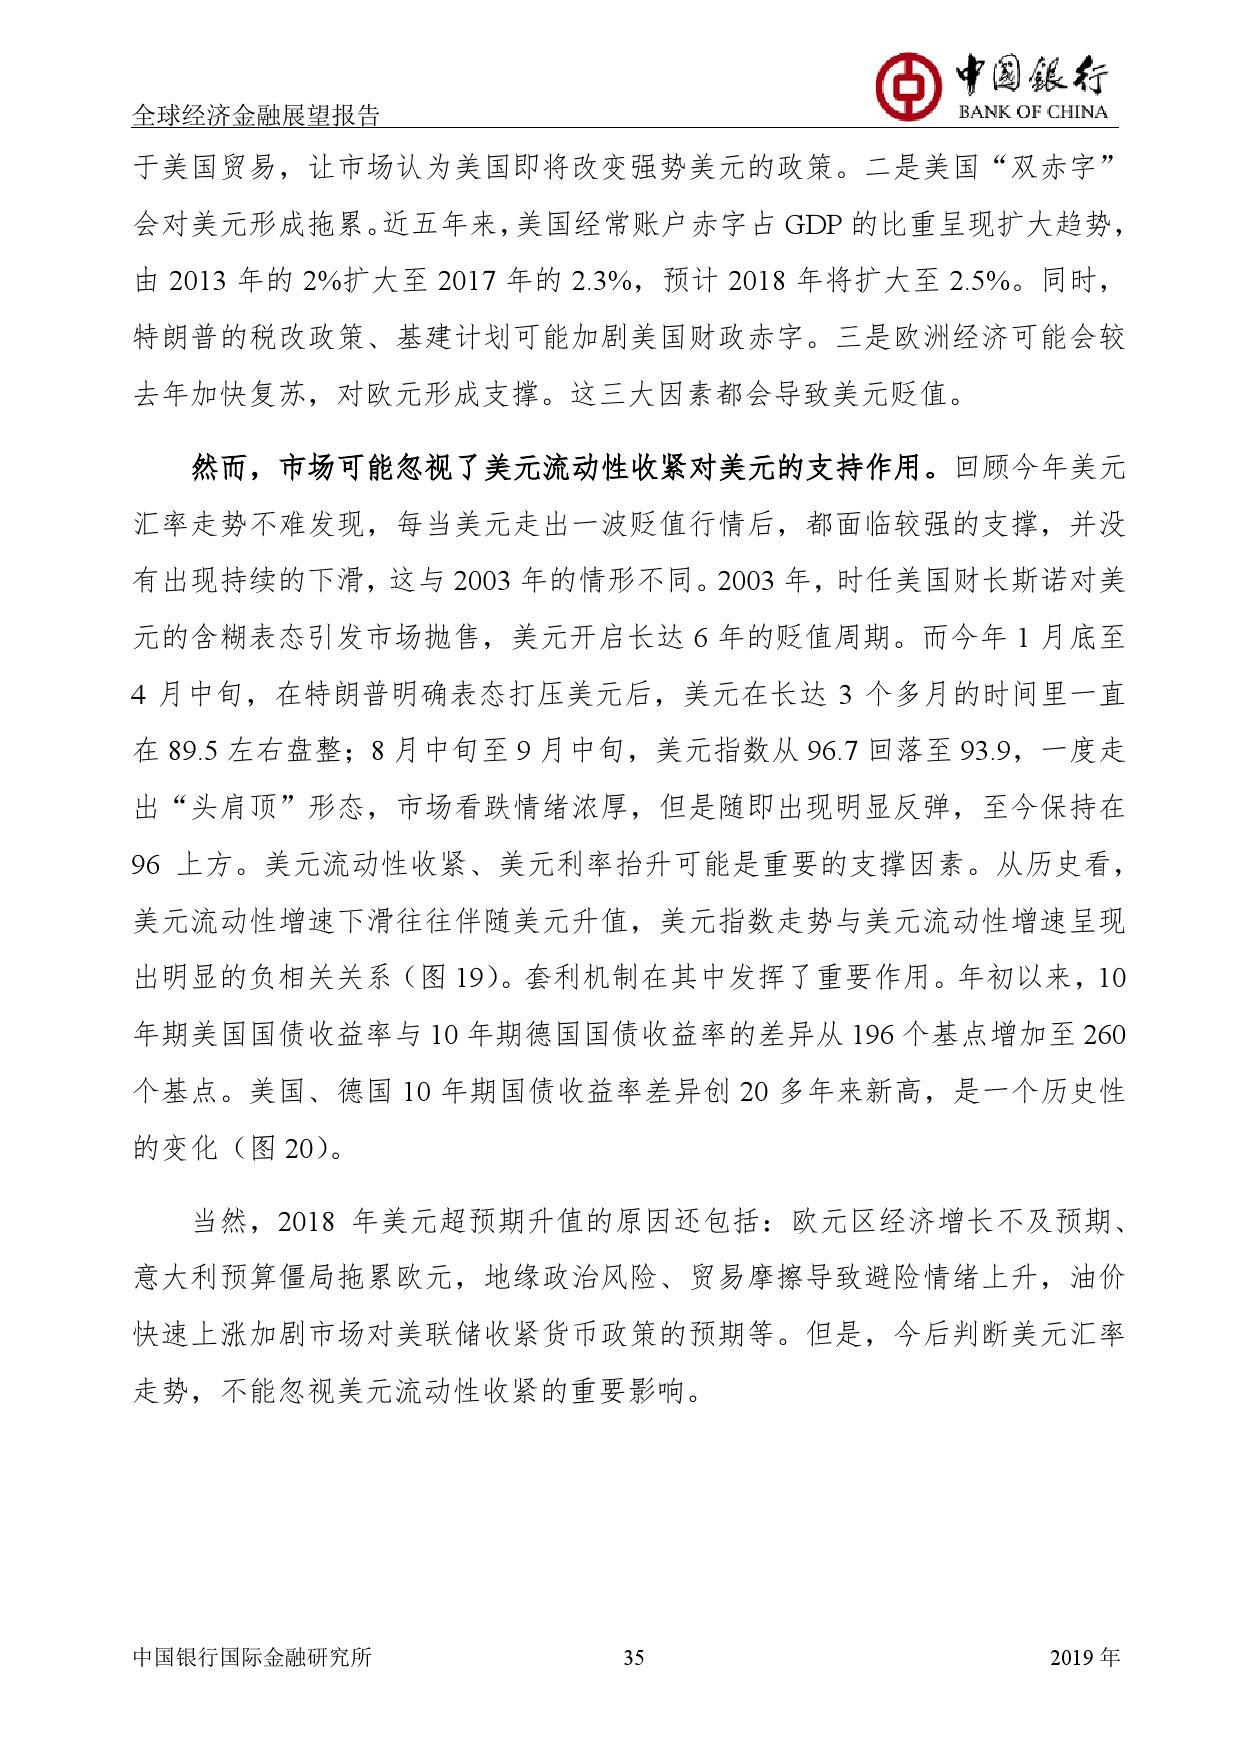 2019年经济报告_中国银行 2019年经济金融展望报告 Useit 知识库